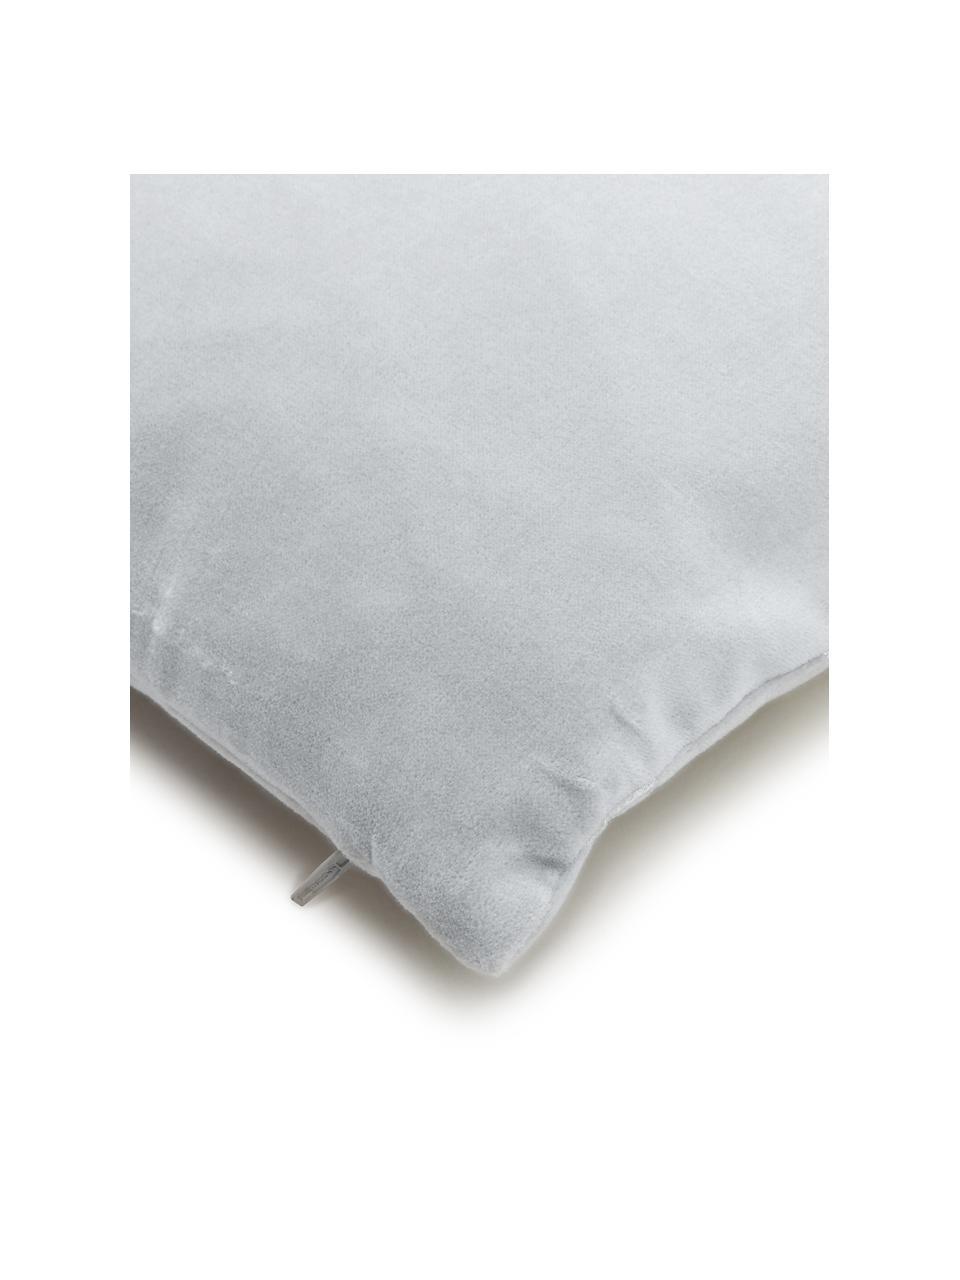 Samt-Kissenhülle Shiny mit schimmerndem Vintage Muster, 100% Baumwollsamt, Hellgrau, Silberfarben, 40 x 40 cm